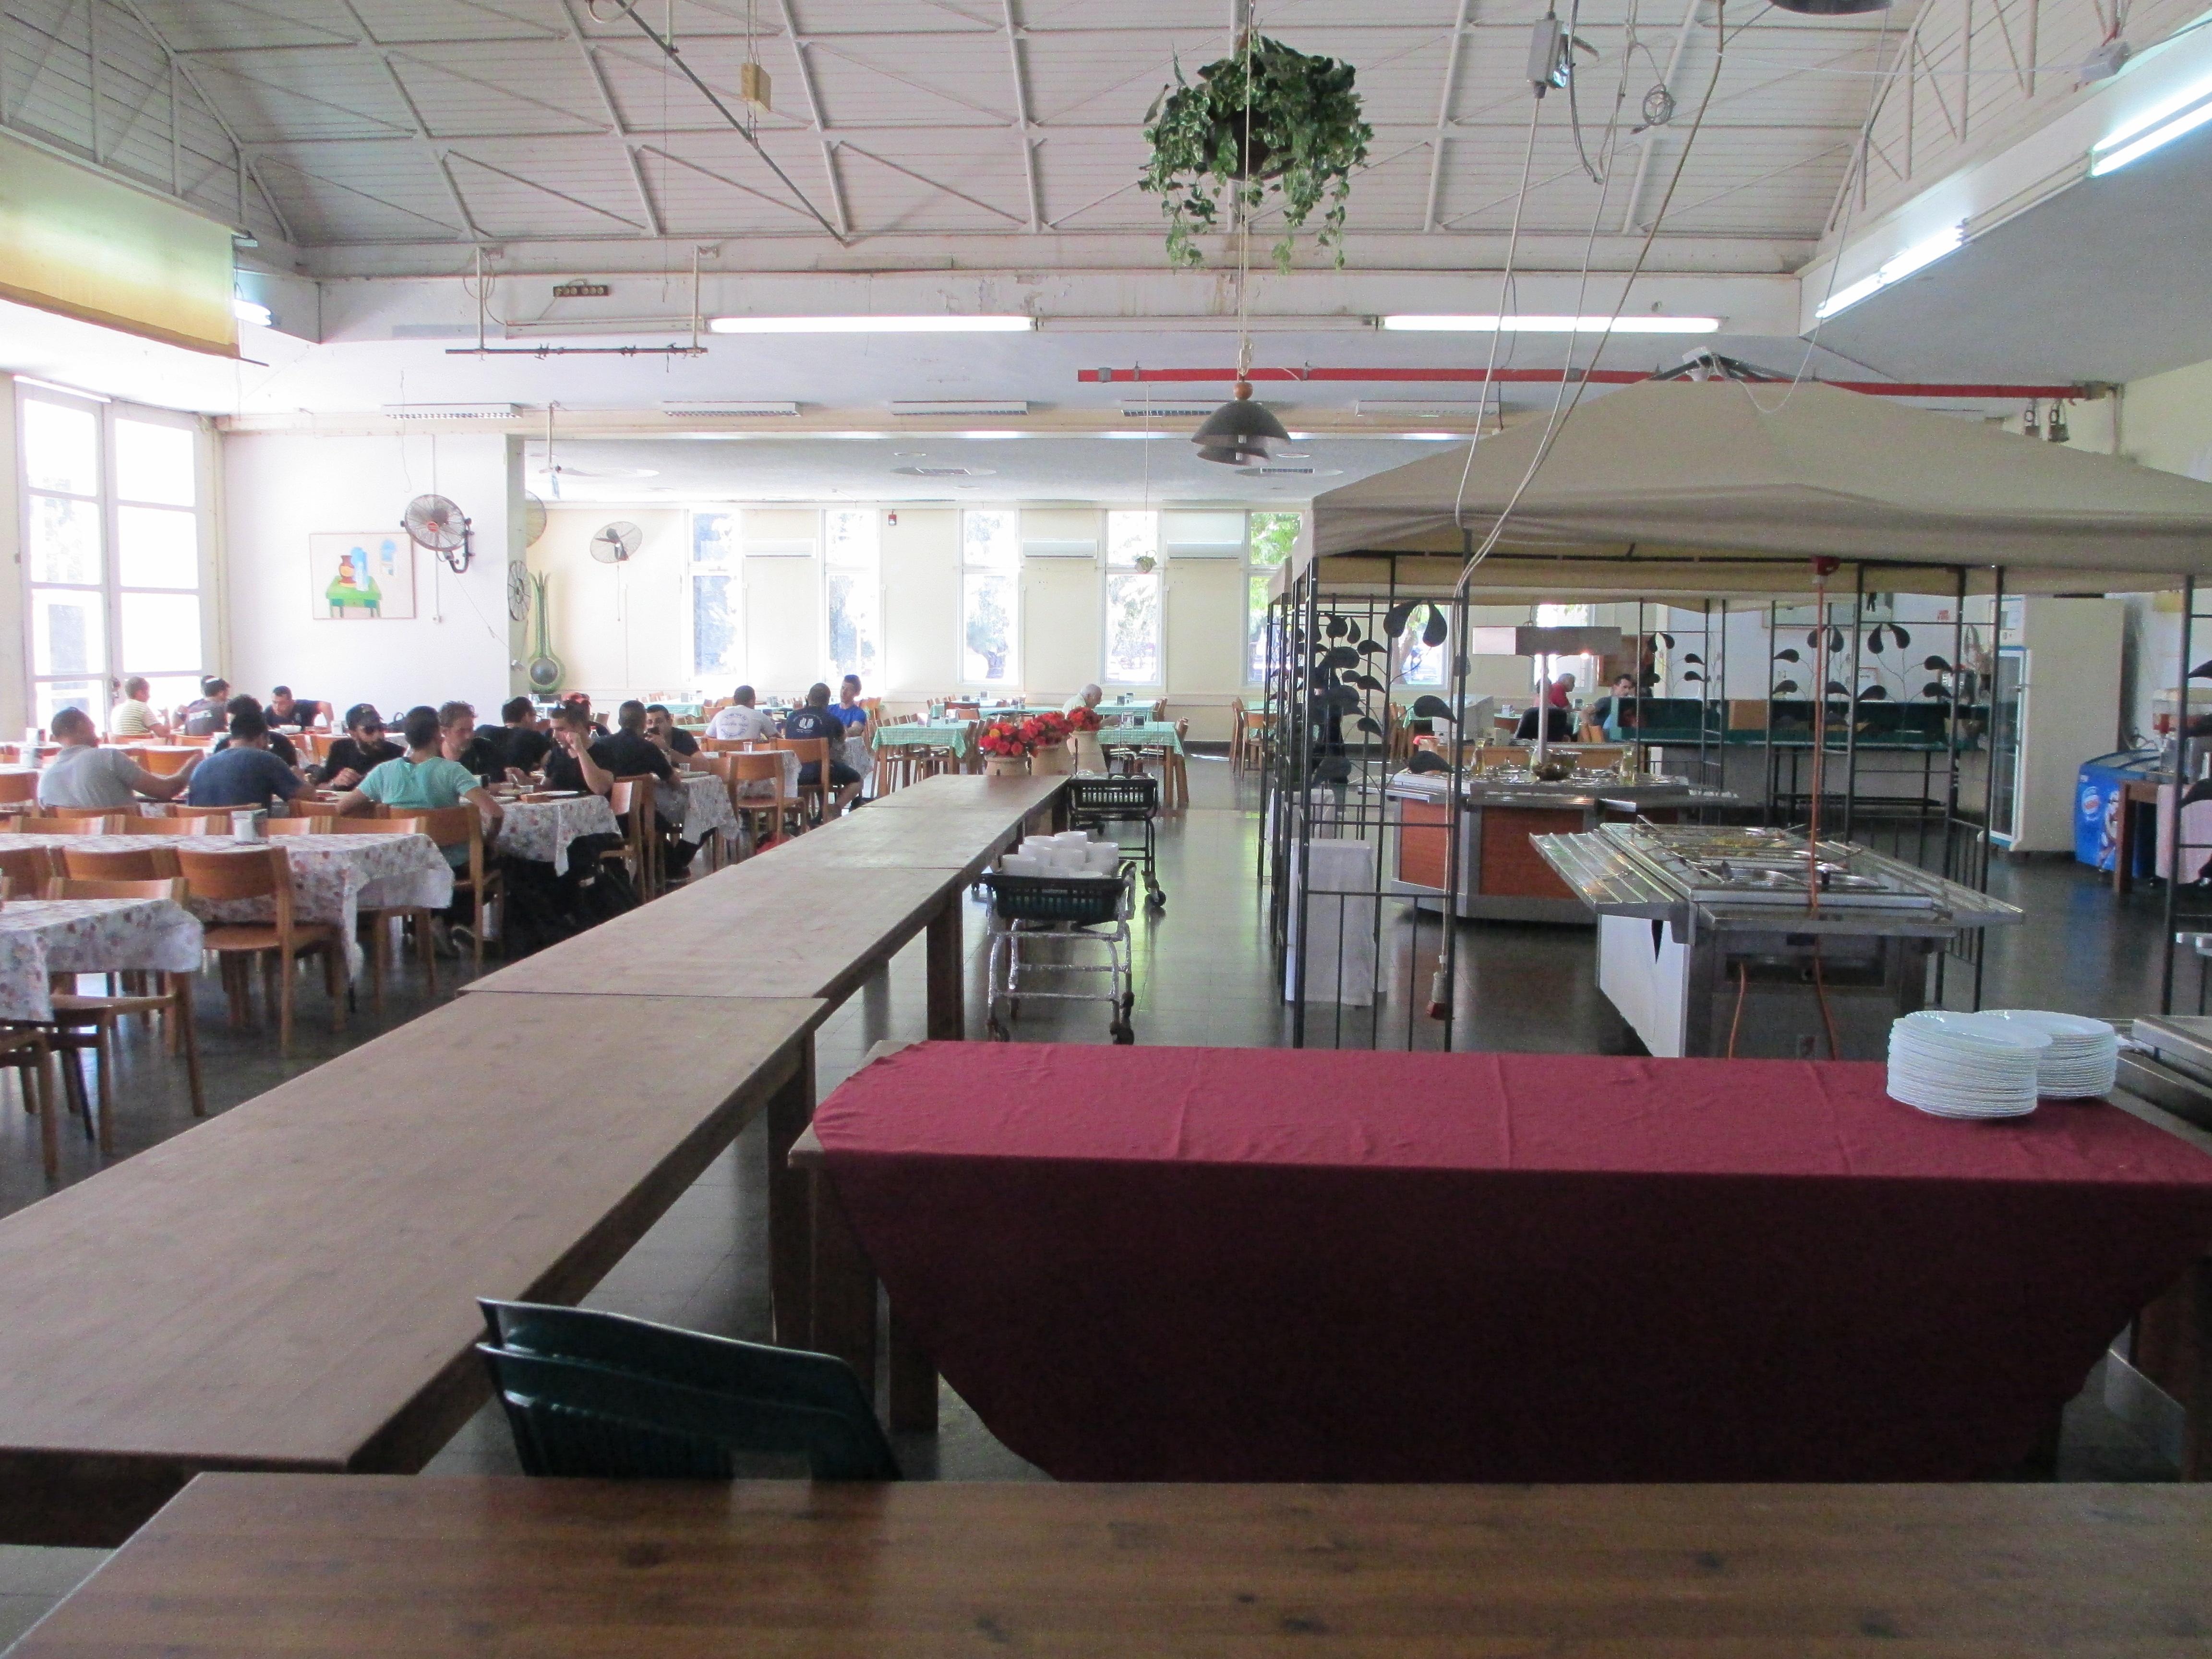 FilePikiWiki Israel 45076 Dining Room In Kibbutz DaliaJPG